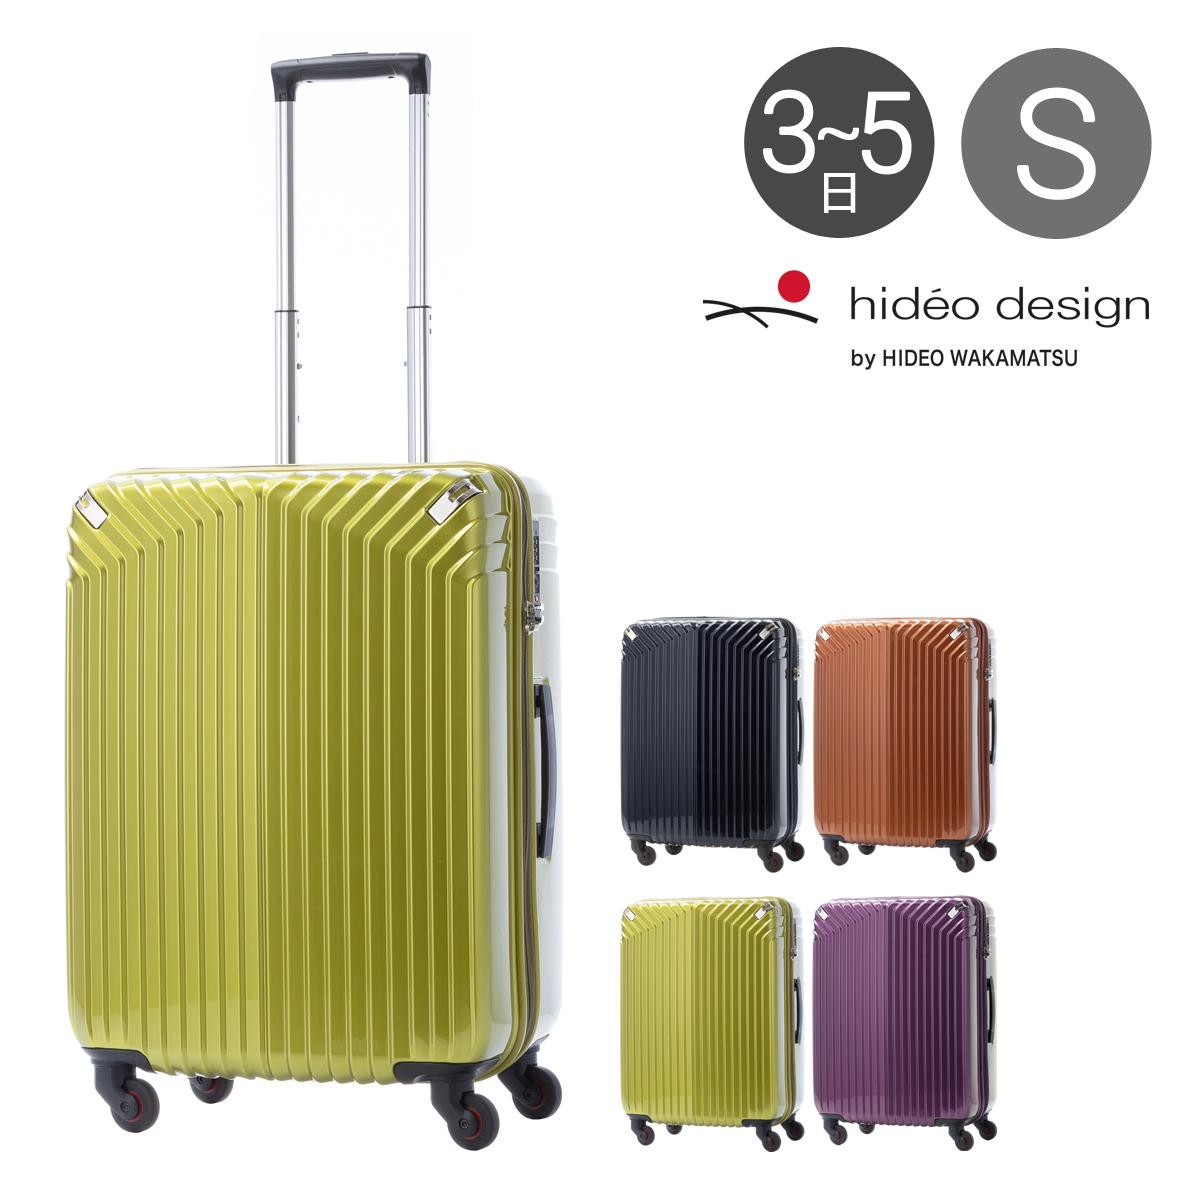 ヒデオデザイン スーツケース インライト|54L 56cm 3.2kg 85-76470|ハード ファスナー 静音 TSAロック搭載 ヒデオワカマツ キャリーケース [PO10][bef]